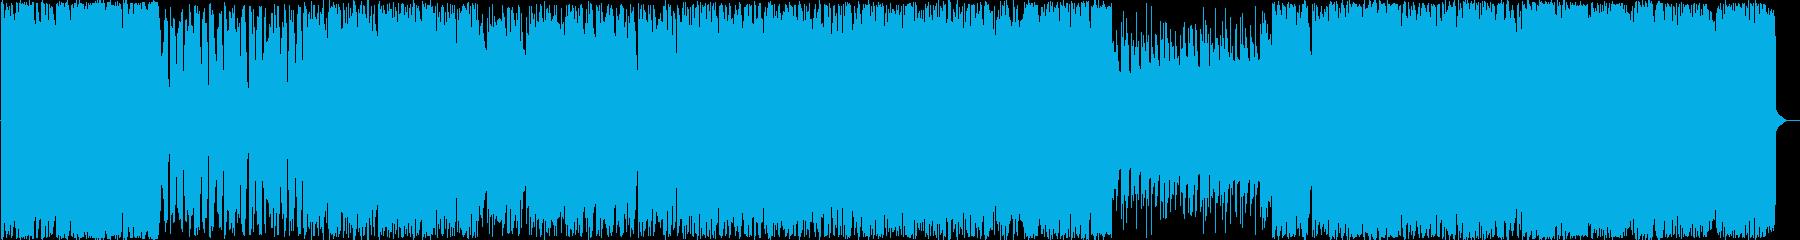 シューティングゲームな軽快チップチューンの再生済みの波形